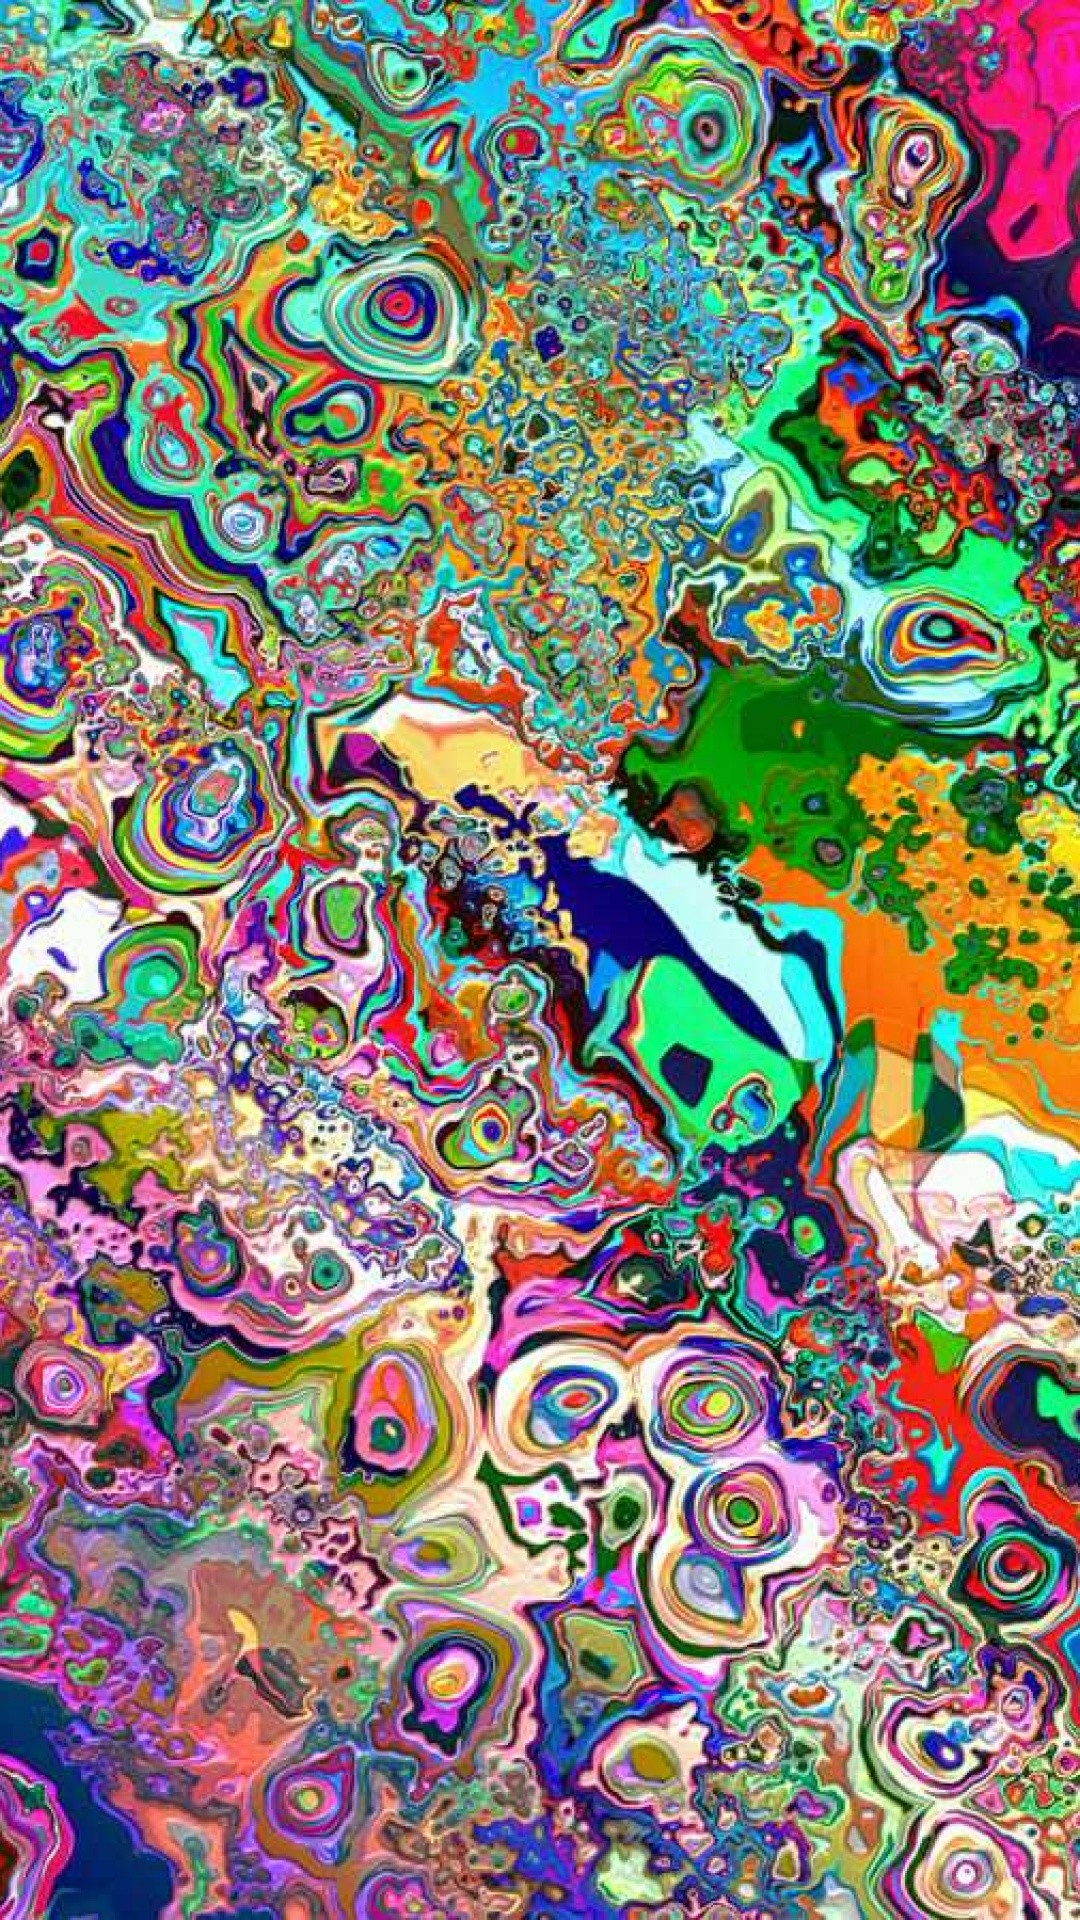 1920x1080 Acid Trip Hd Wallpaper